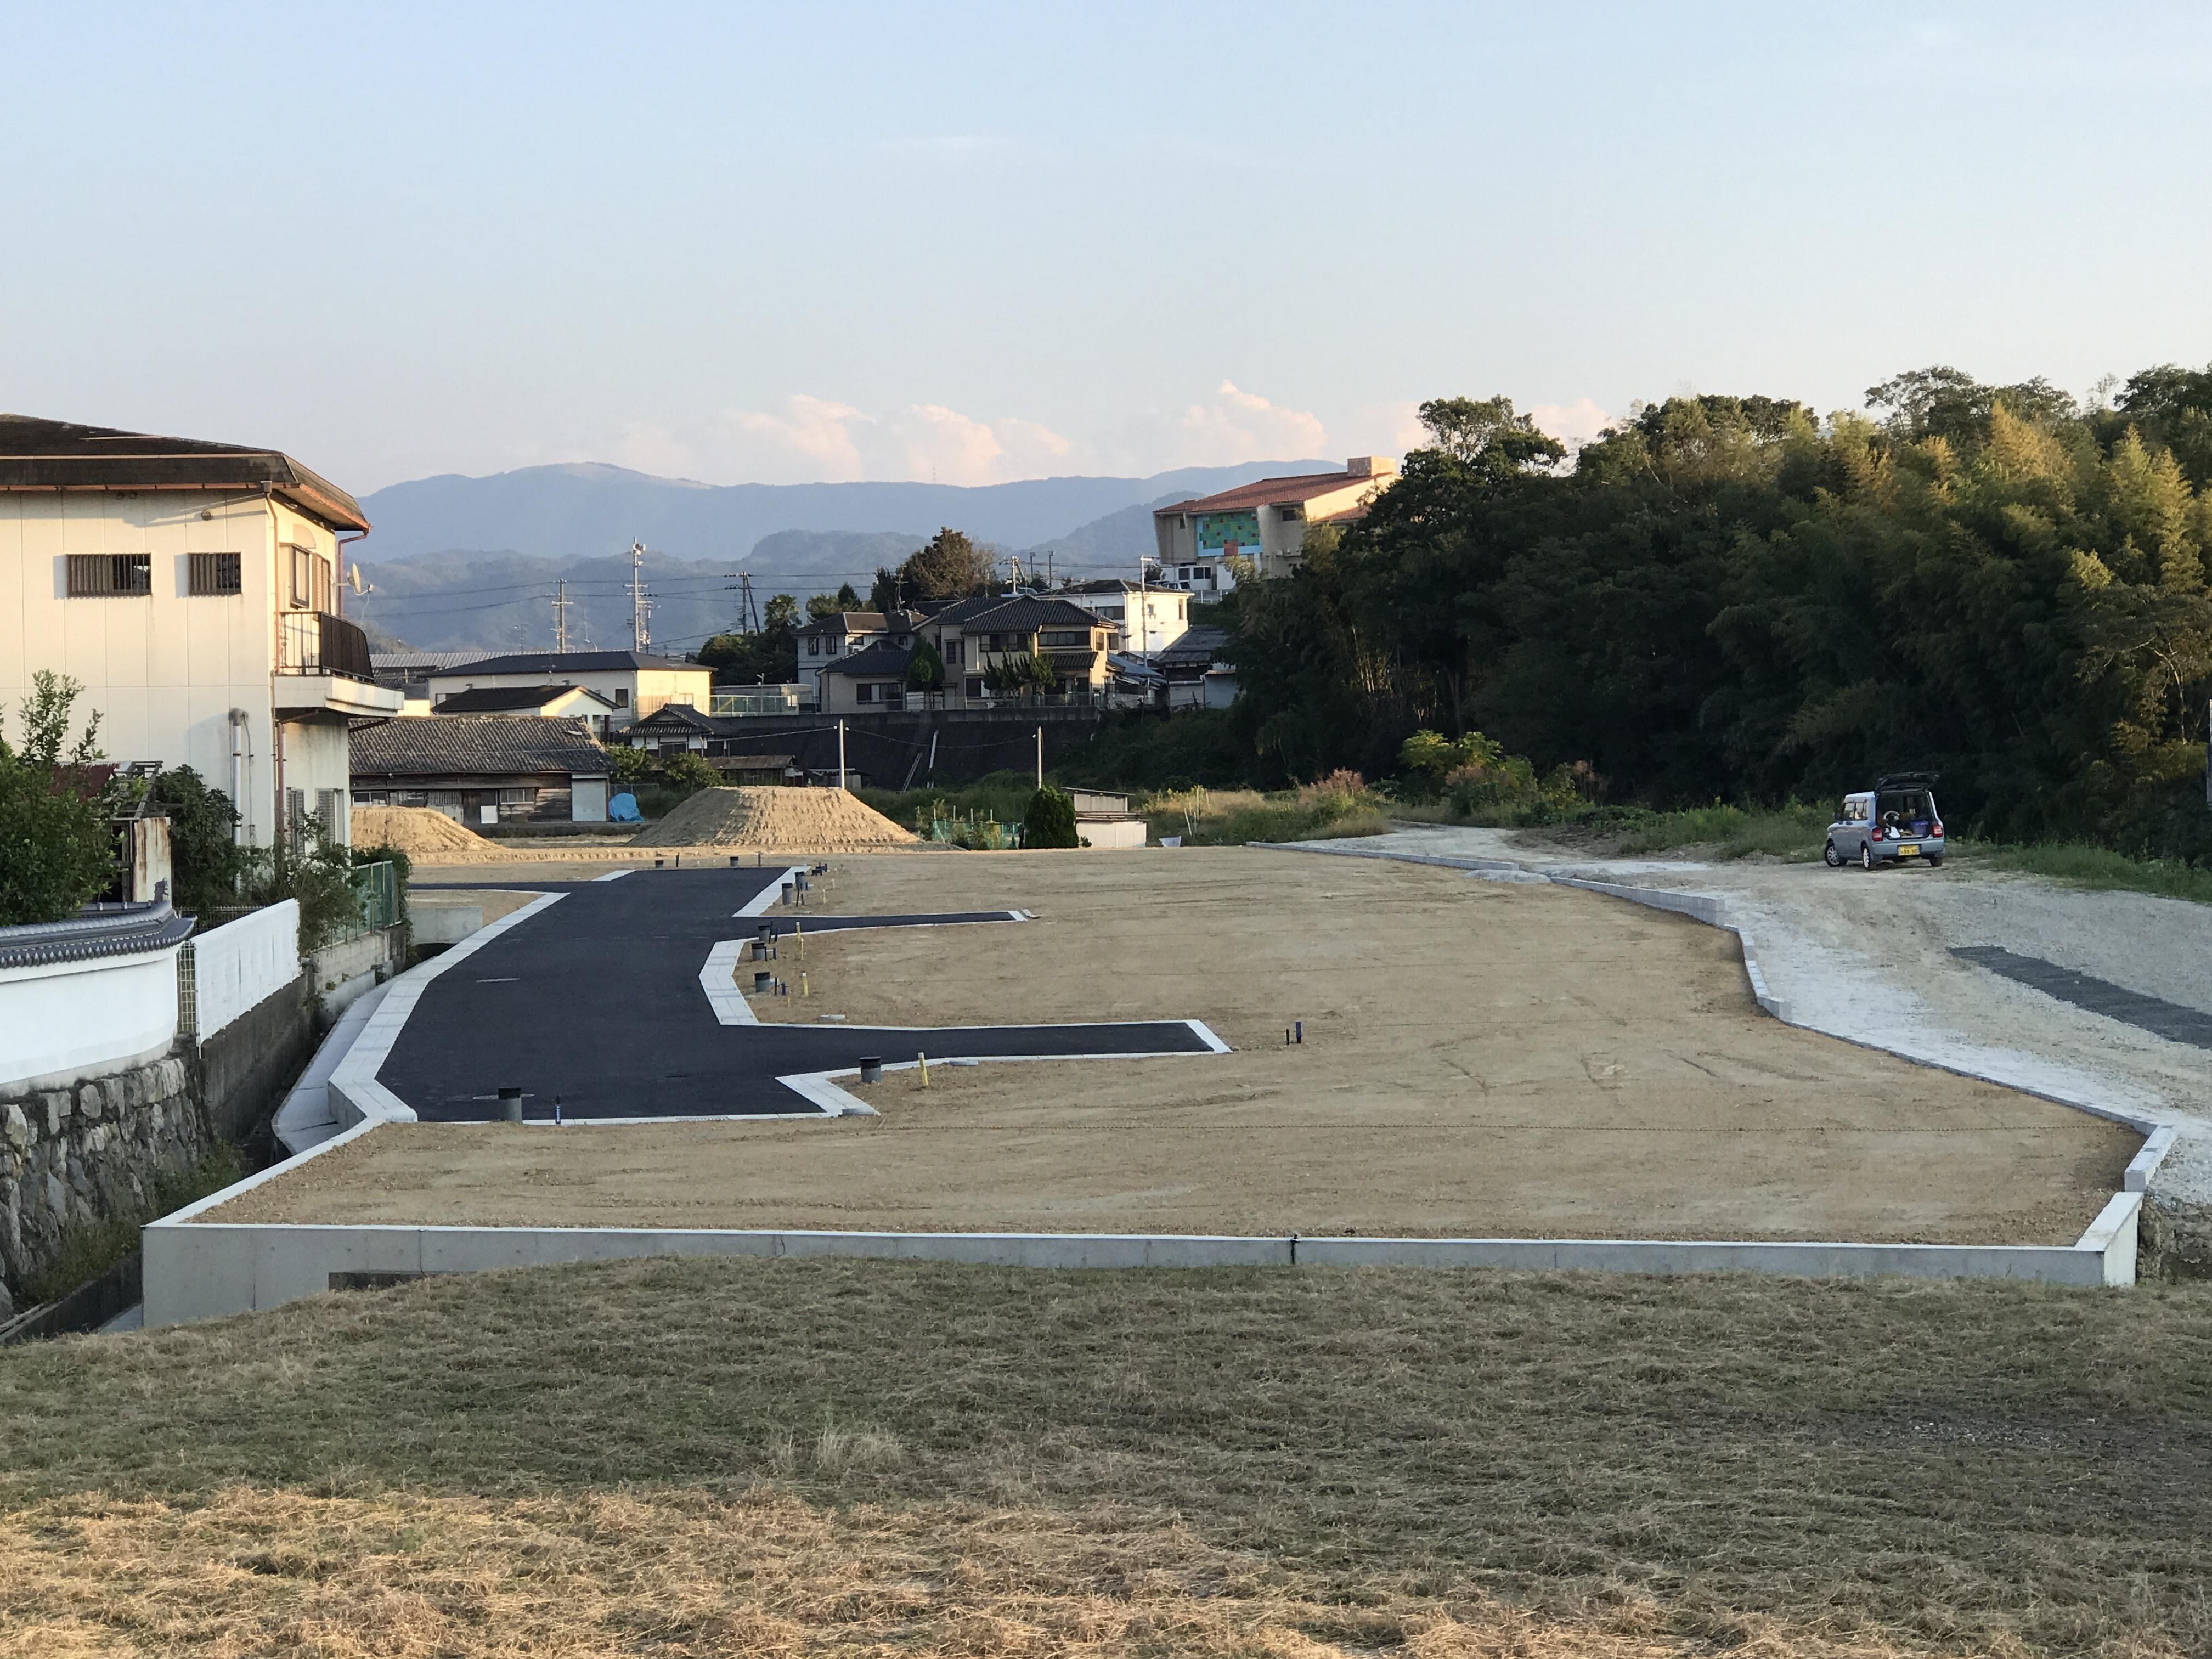 和泉市和田町15区画開発工事が完成しました〜(^。^)